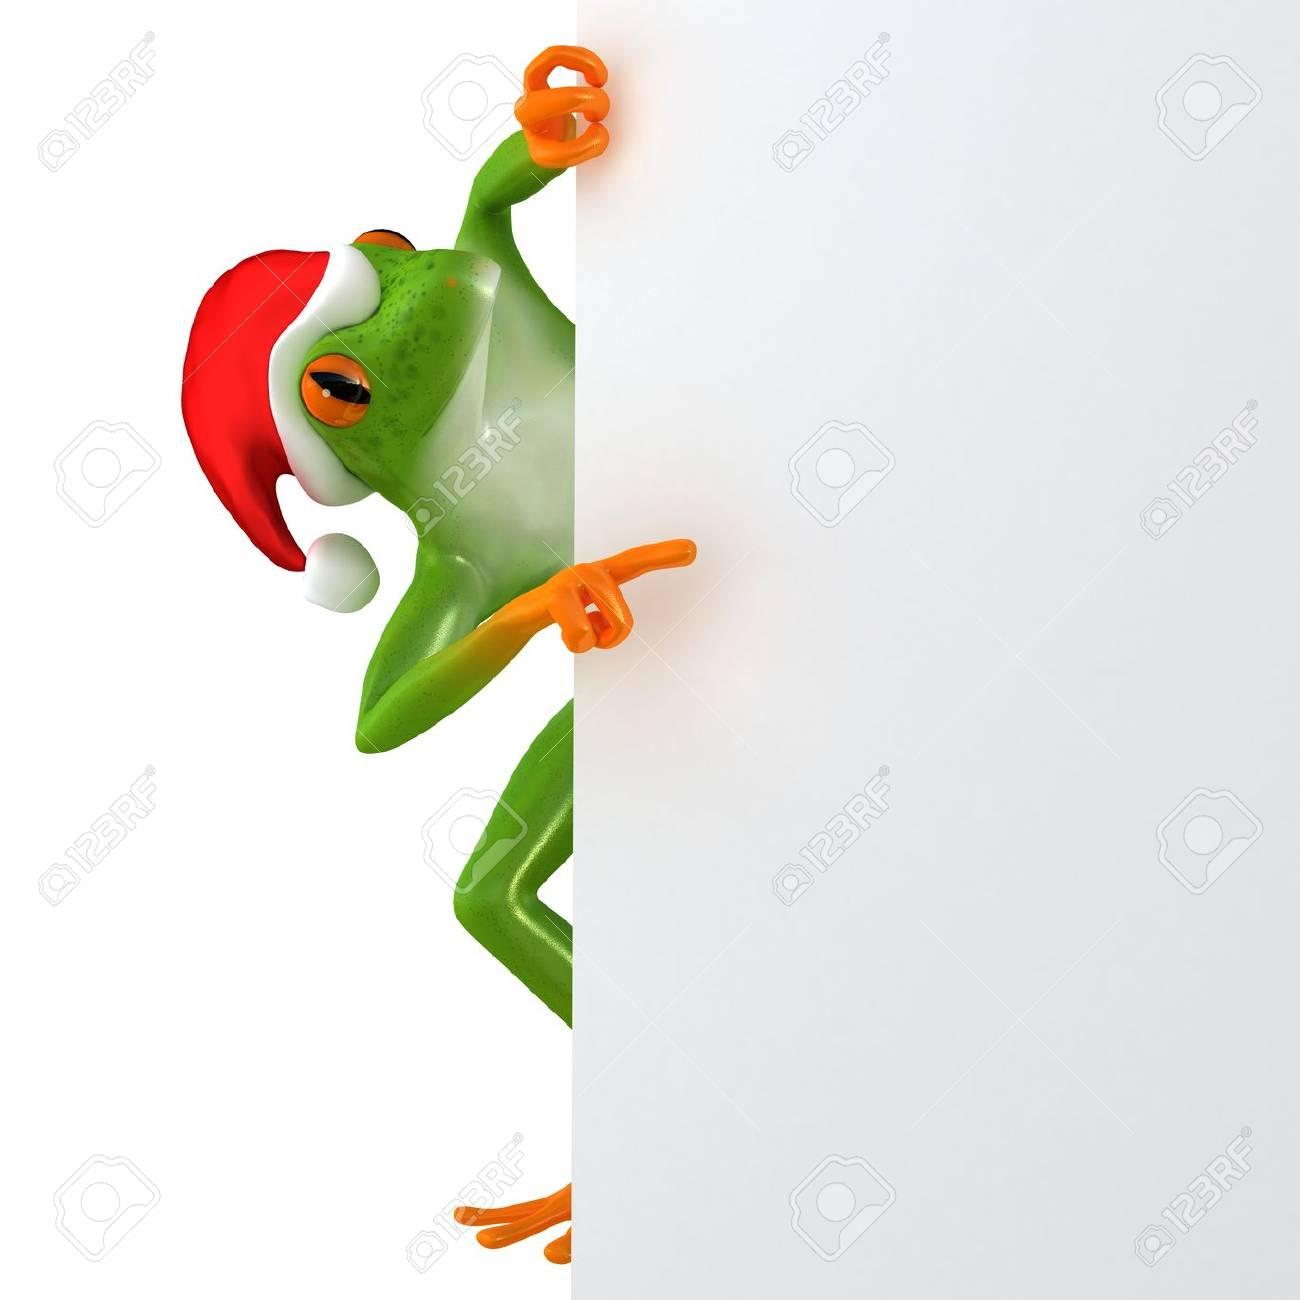 Charmant Frosch Farbseite Bilder - Entry Level Resume Vorlagen ...